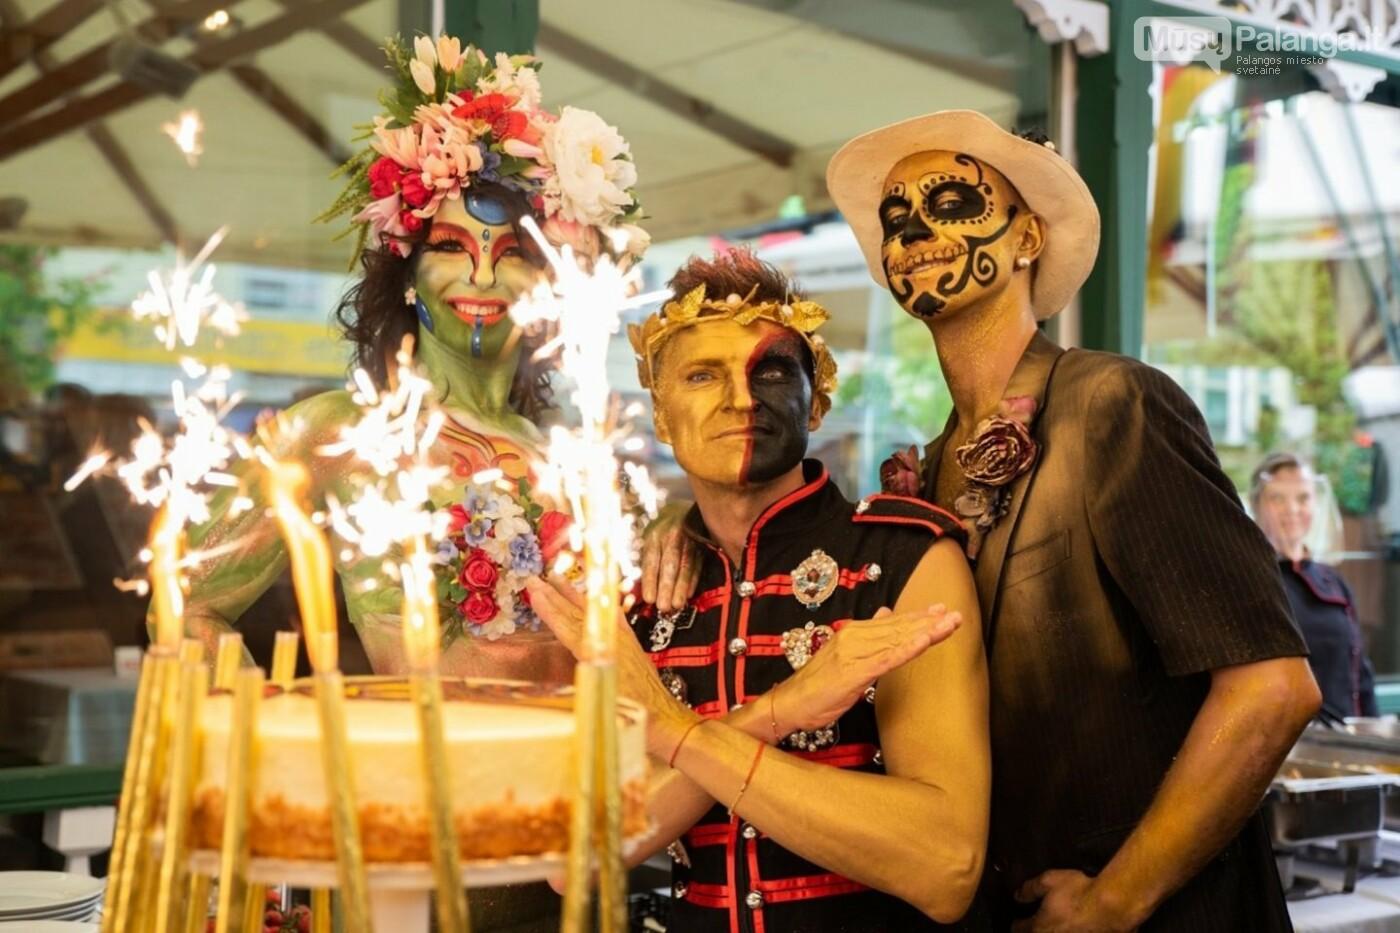 Žinomi žmonės rinkosi į Palangą: šventė restorano jubiliejų  , nuotrauka-24